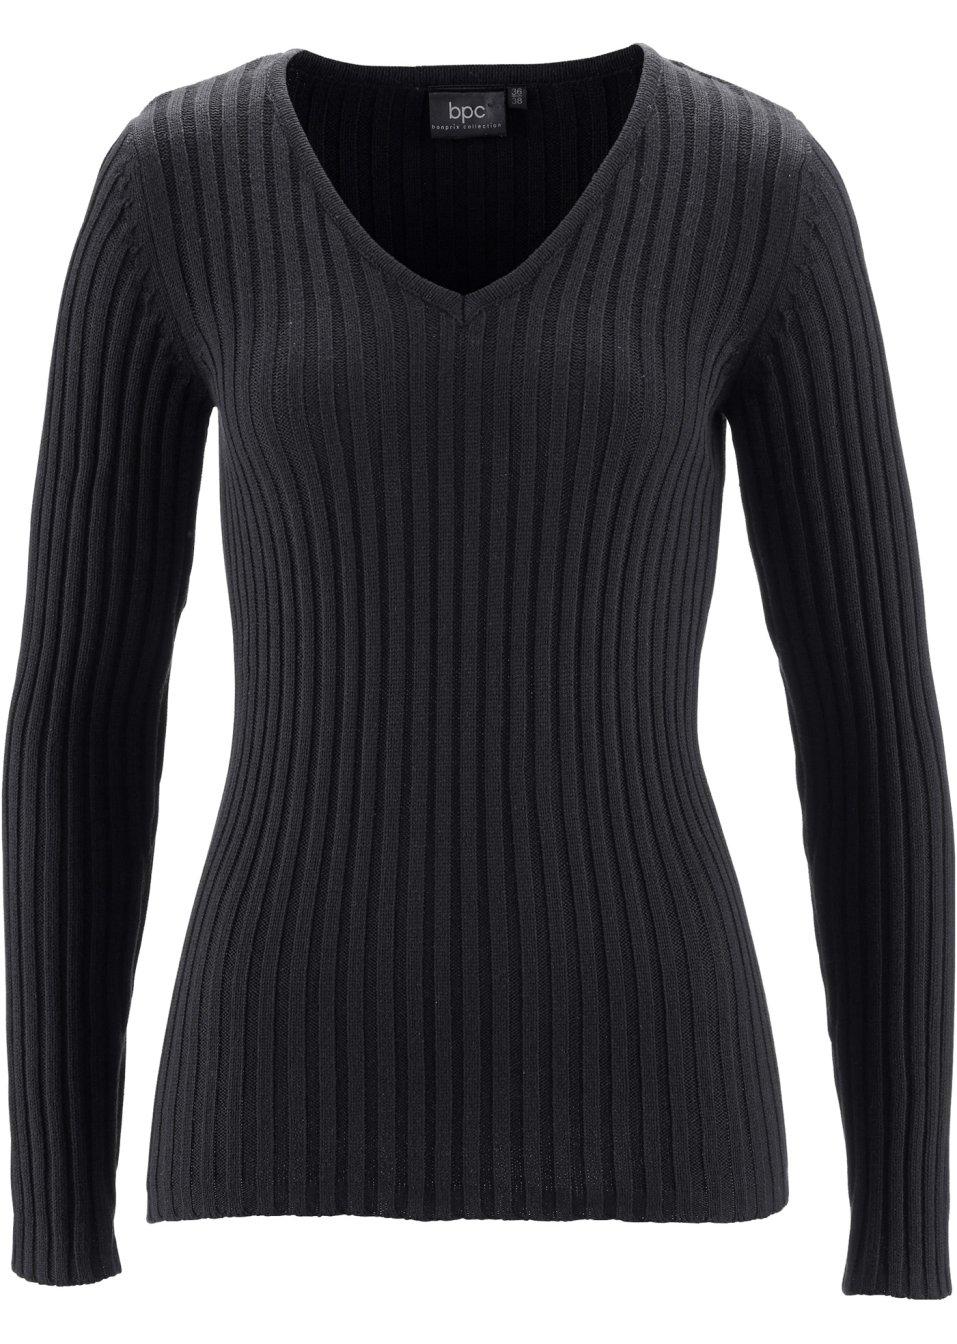 Attraktiver Rippstrick-Pullover mit V-Ausschnitt - schwarz 4bl1q hPqby